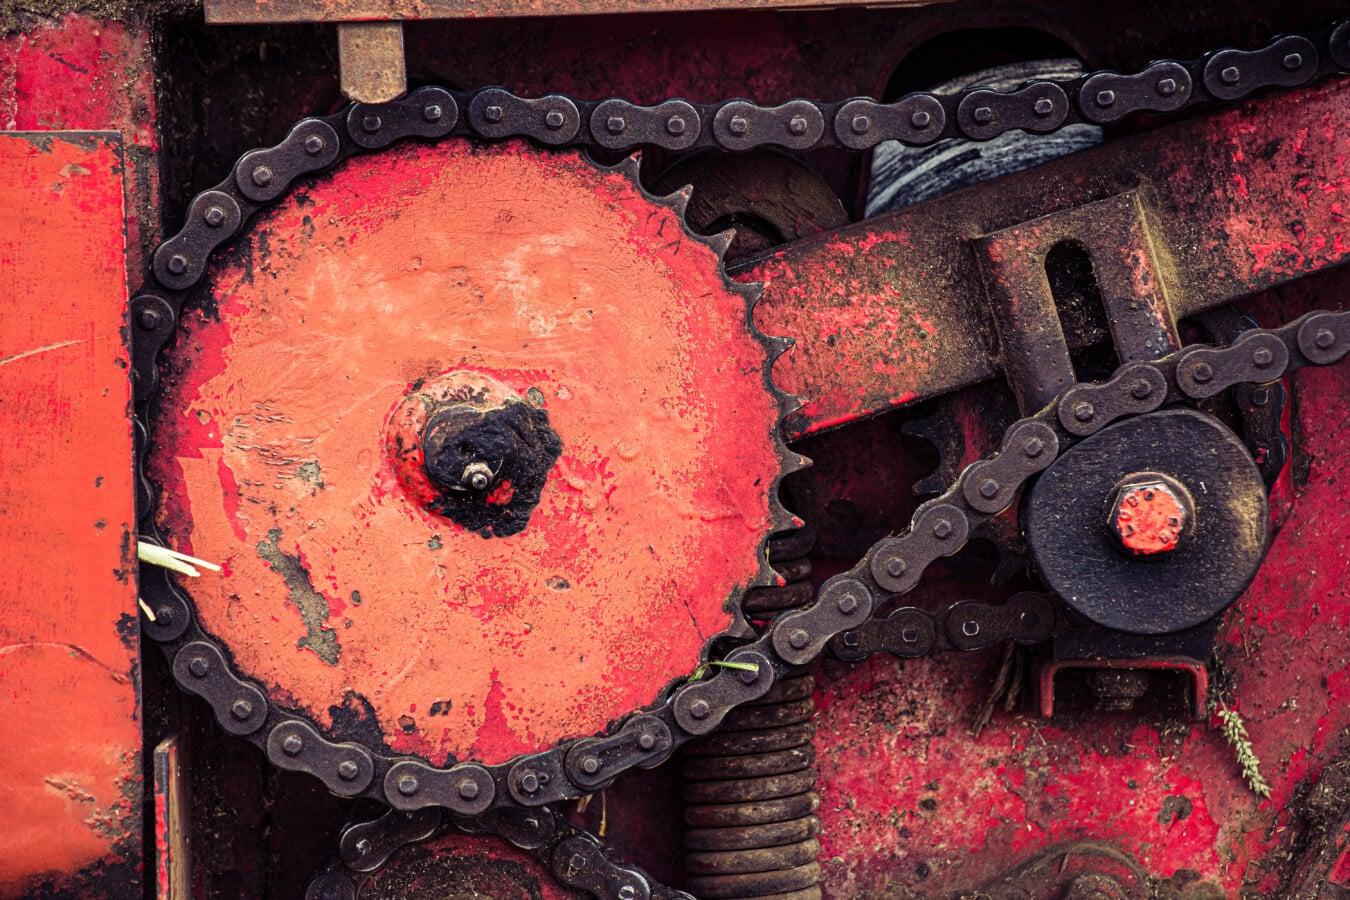 Übertragung, Metallgetriebe, Kette, Getriebe, Metall, Maschine, Mechanismus, Mechaniker, Rost, Eisen